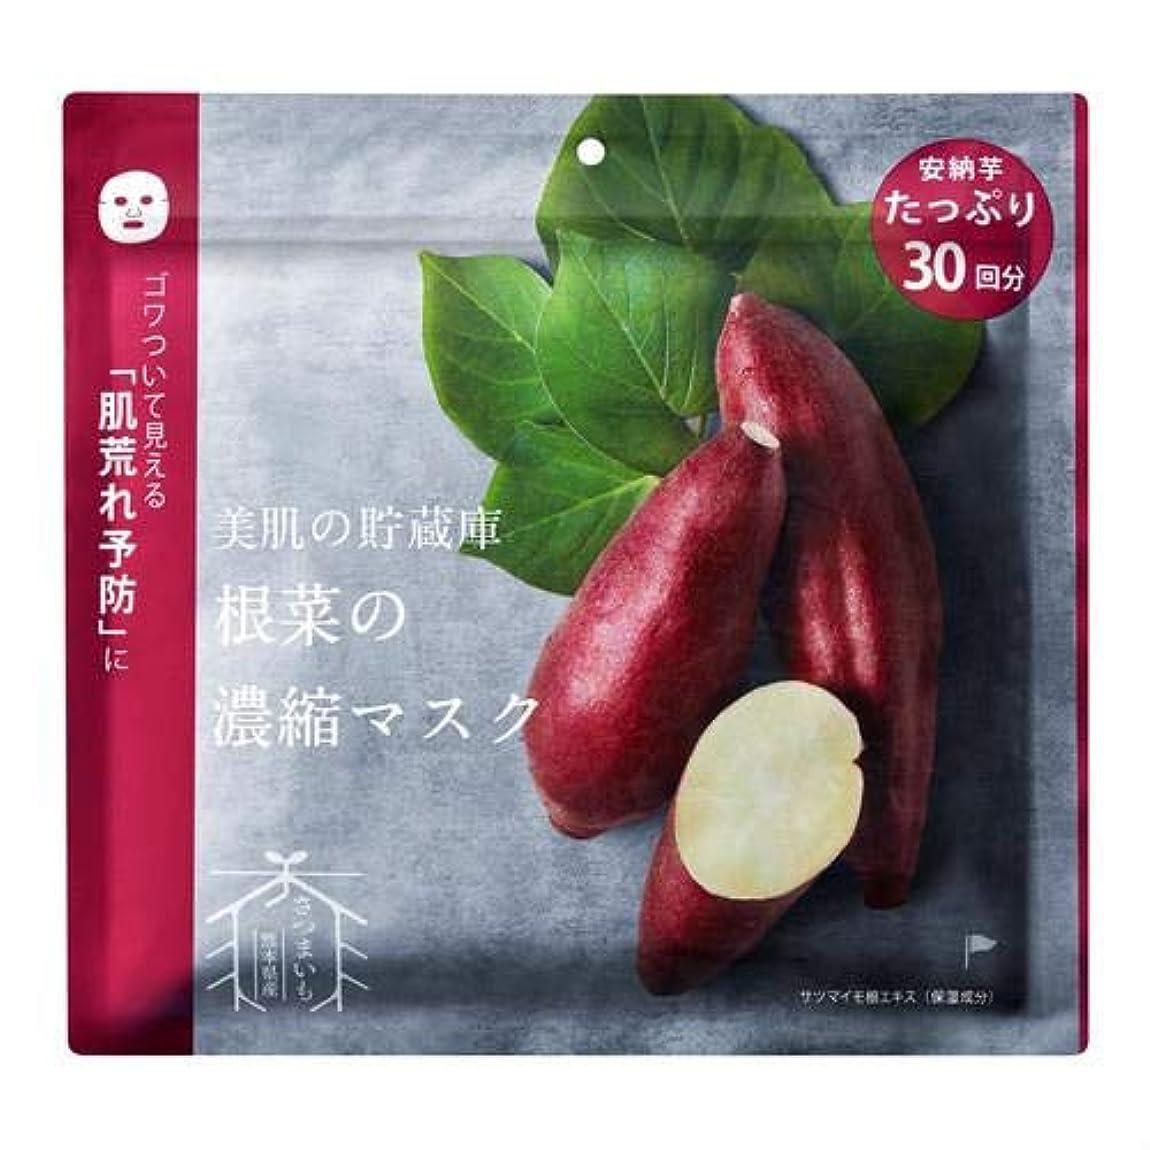 に対応傭兵有料アイメーカーズ @cosme nippon (アットコスメニッポン) 美肌の貯蔵庫 根菜の濃縮マスク 安納いも 30枚 フェイスマスク2個セット